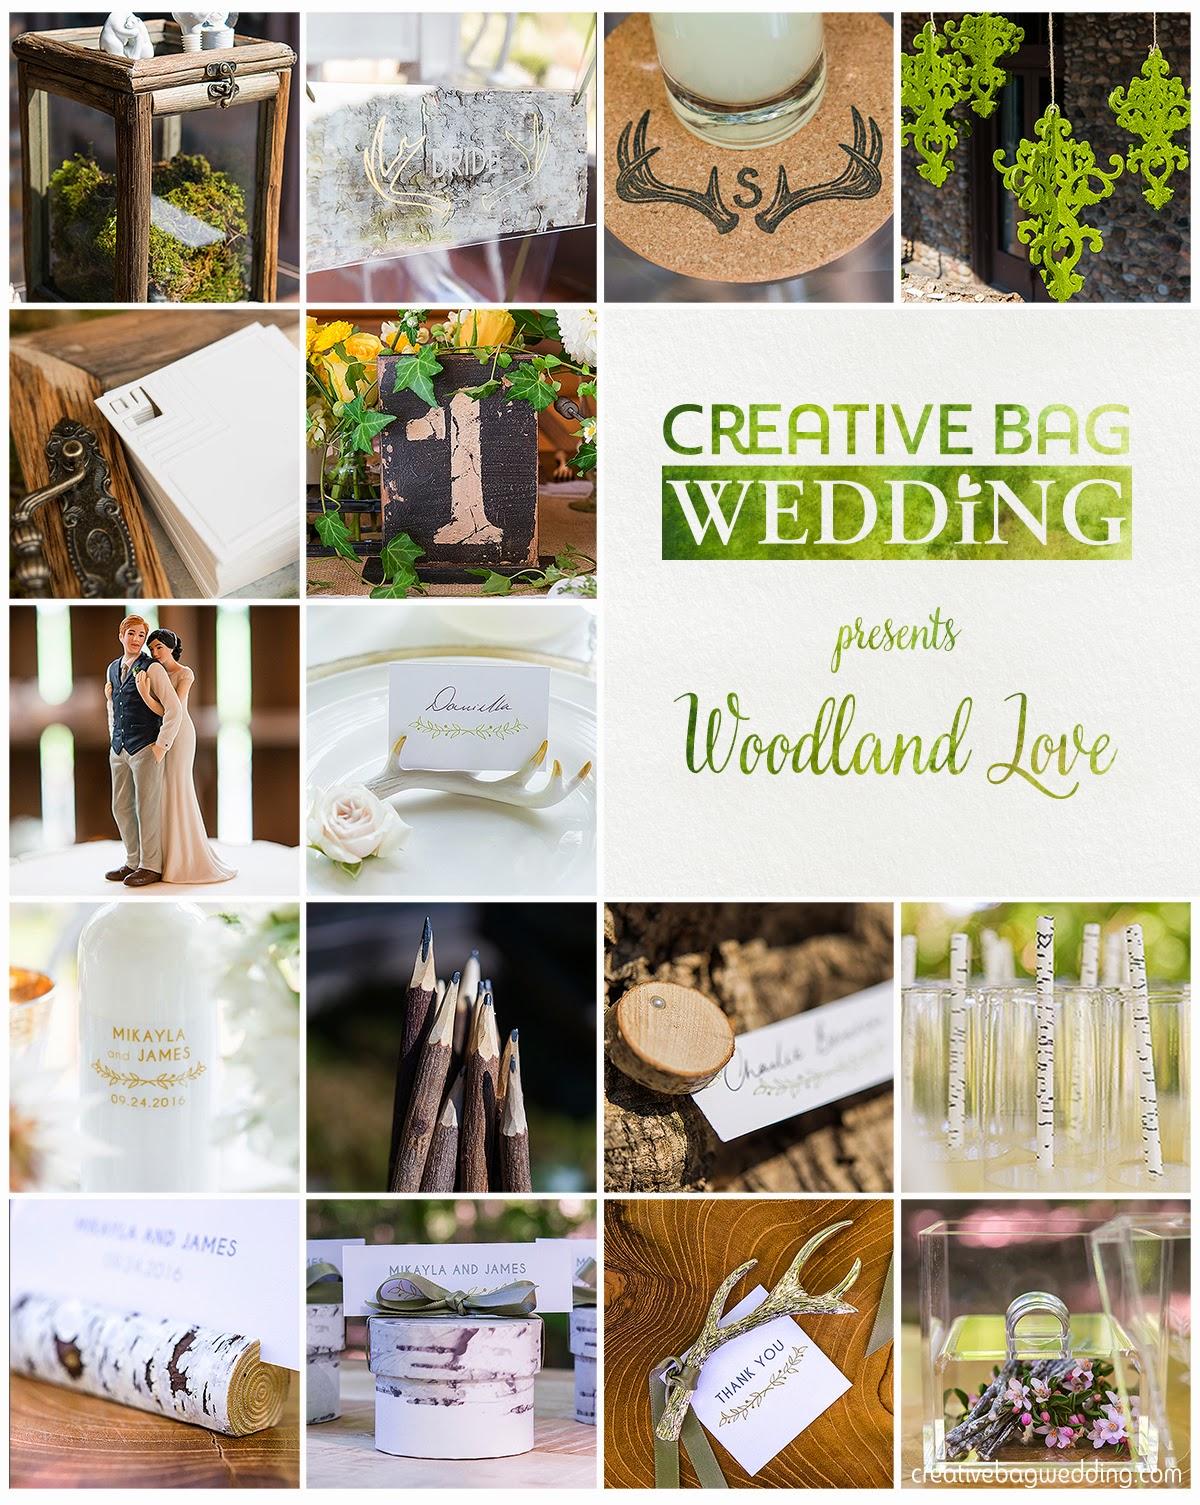 woodland love mood board | Creative Bag Wedding